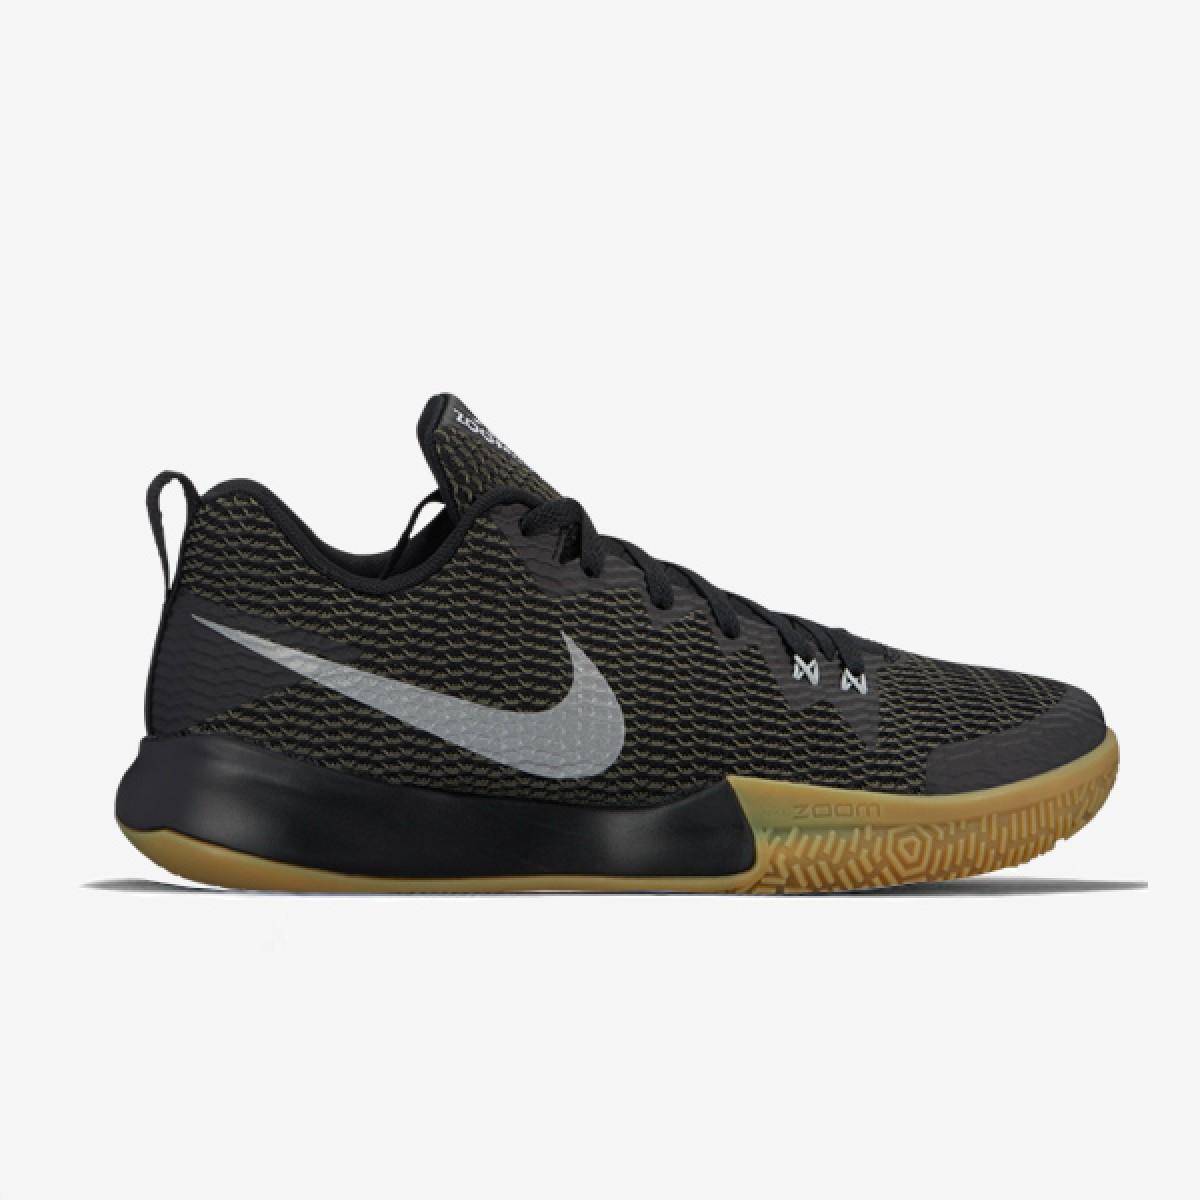 Nike Zoom Live II 'Black Gum'